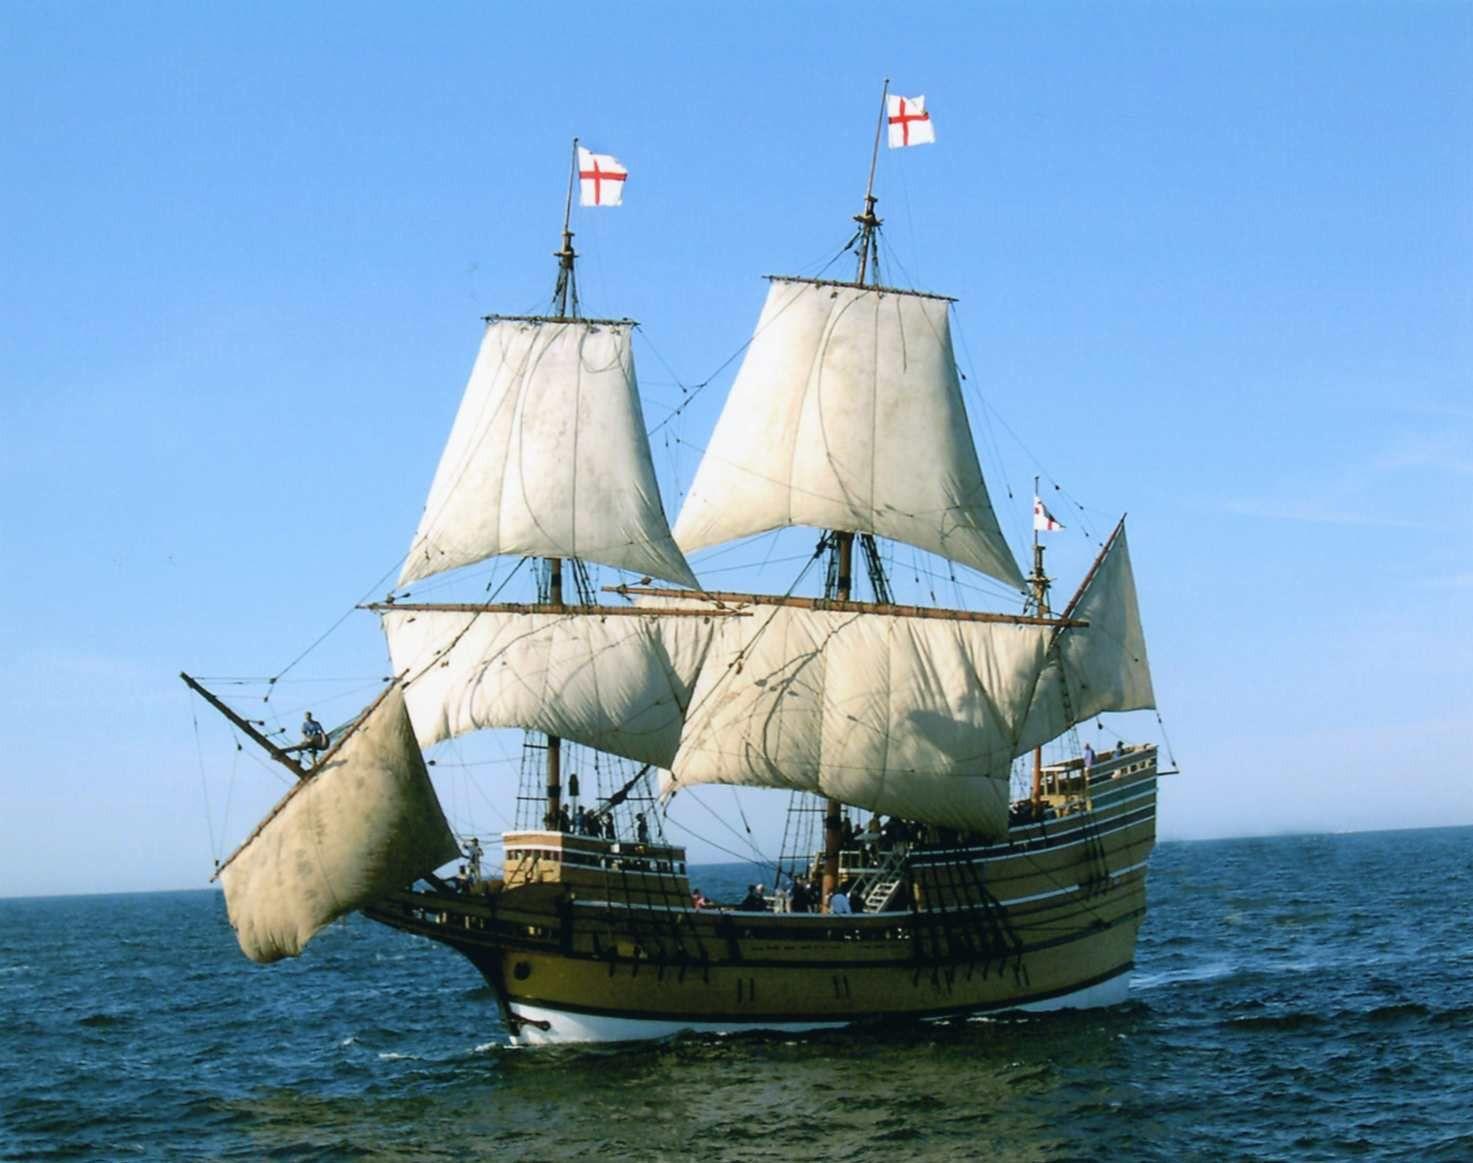 Mayflower replica Pilgrims landed in 1620. First